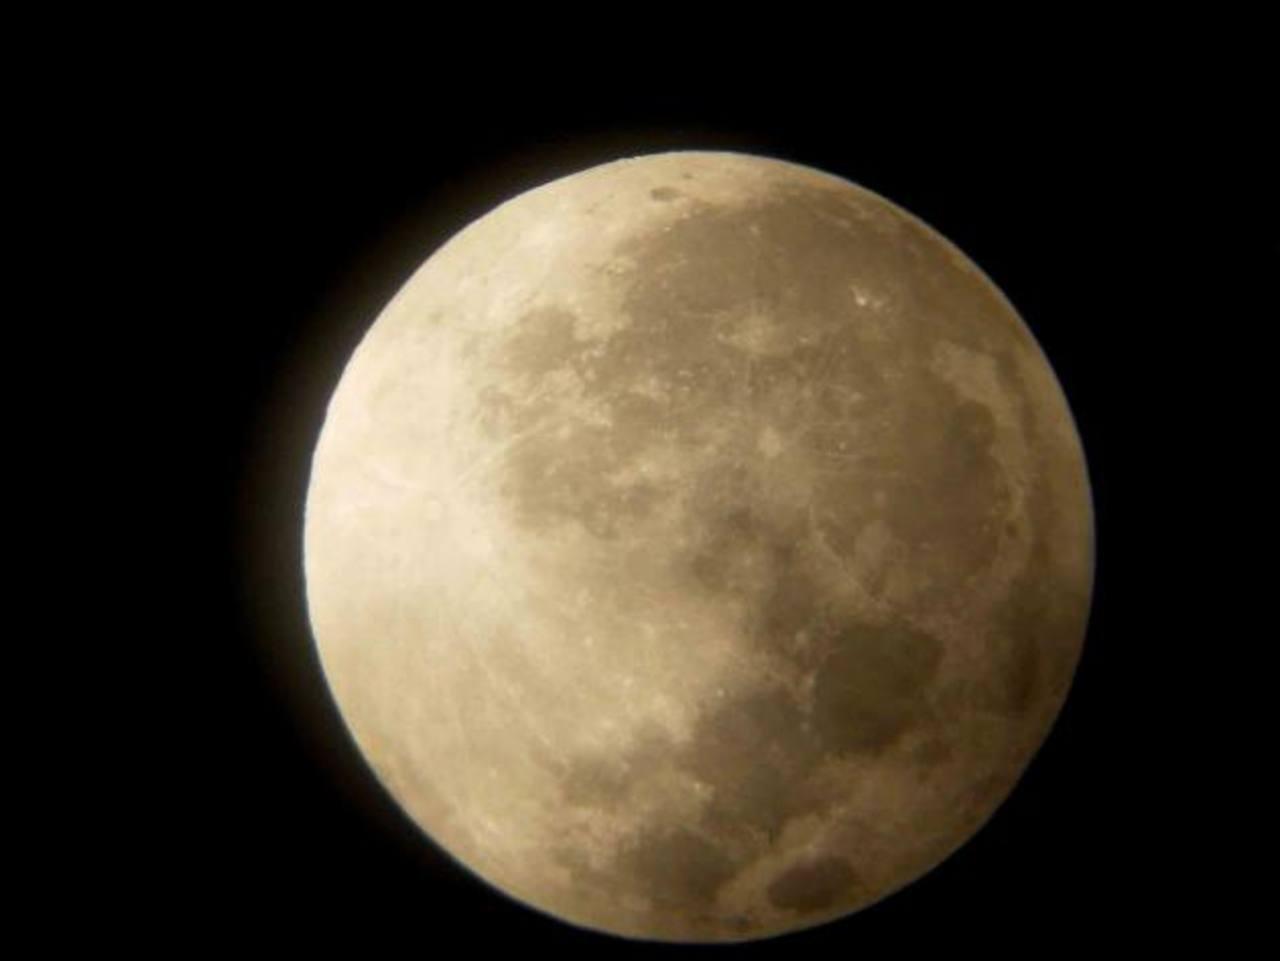 Noche Internacional de Observación Lunar